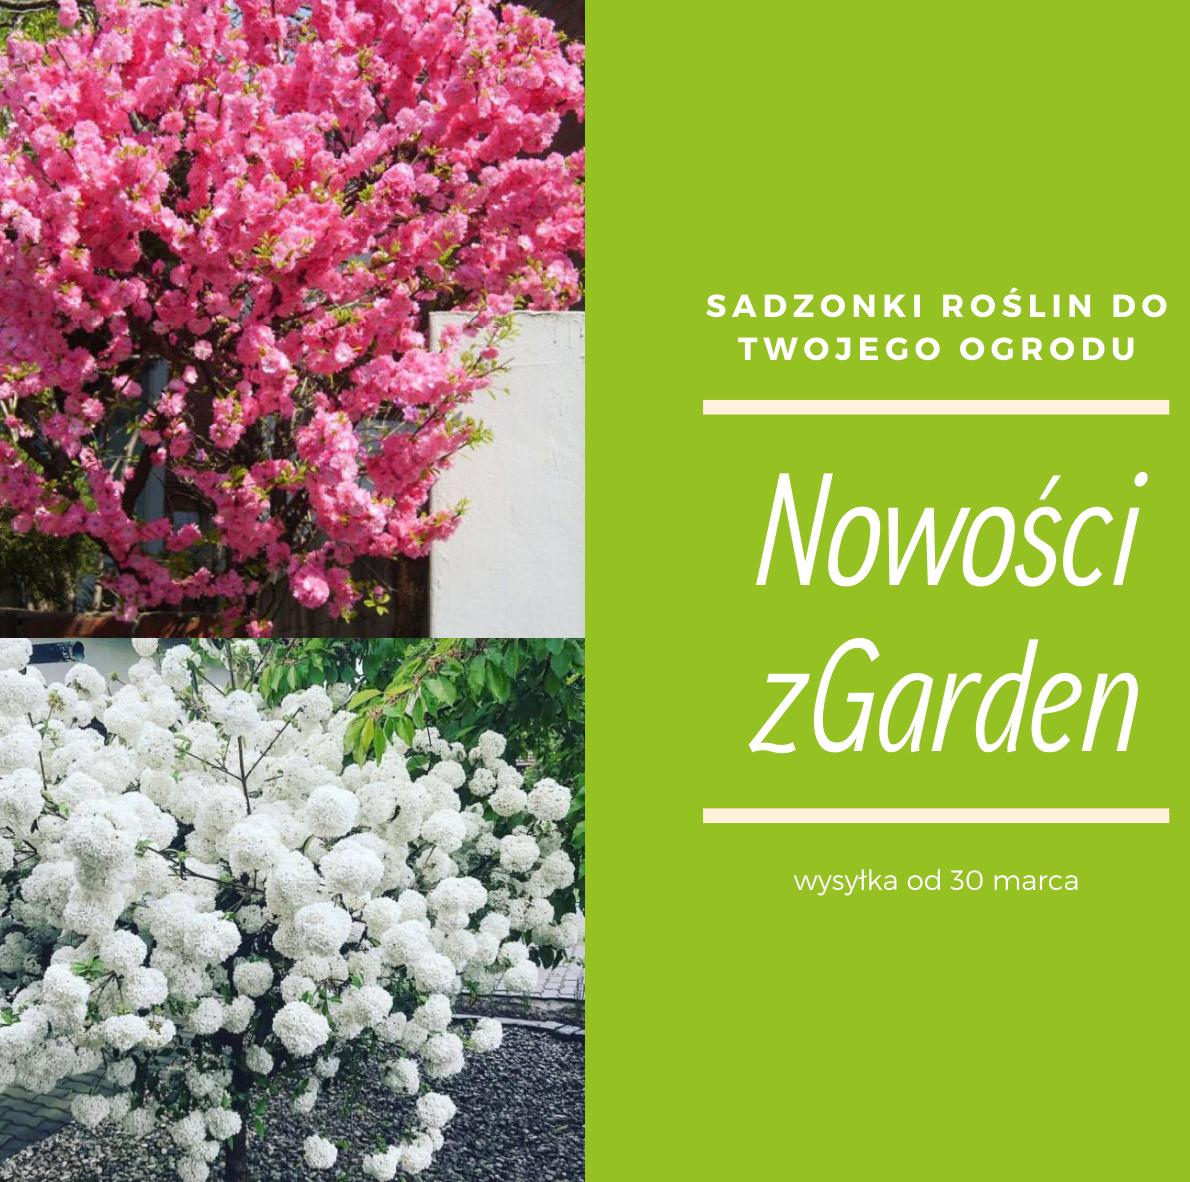 Wiosna Juz Niedlugo W Twoim Domu Sadzonki Roslin Dla Ciebie I Ogrodu Plants